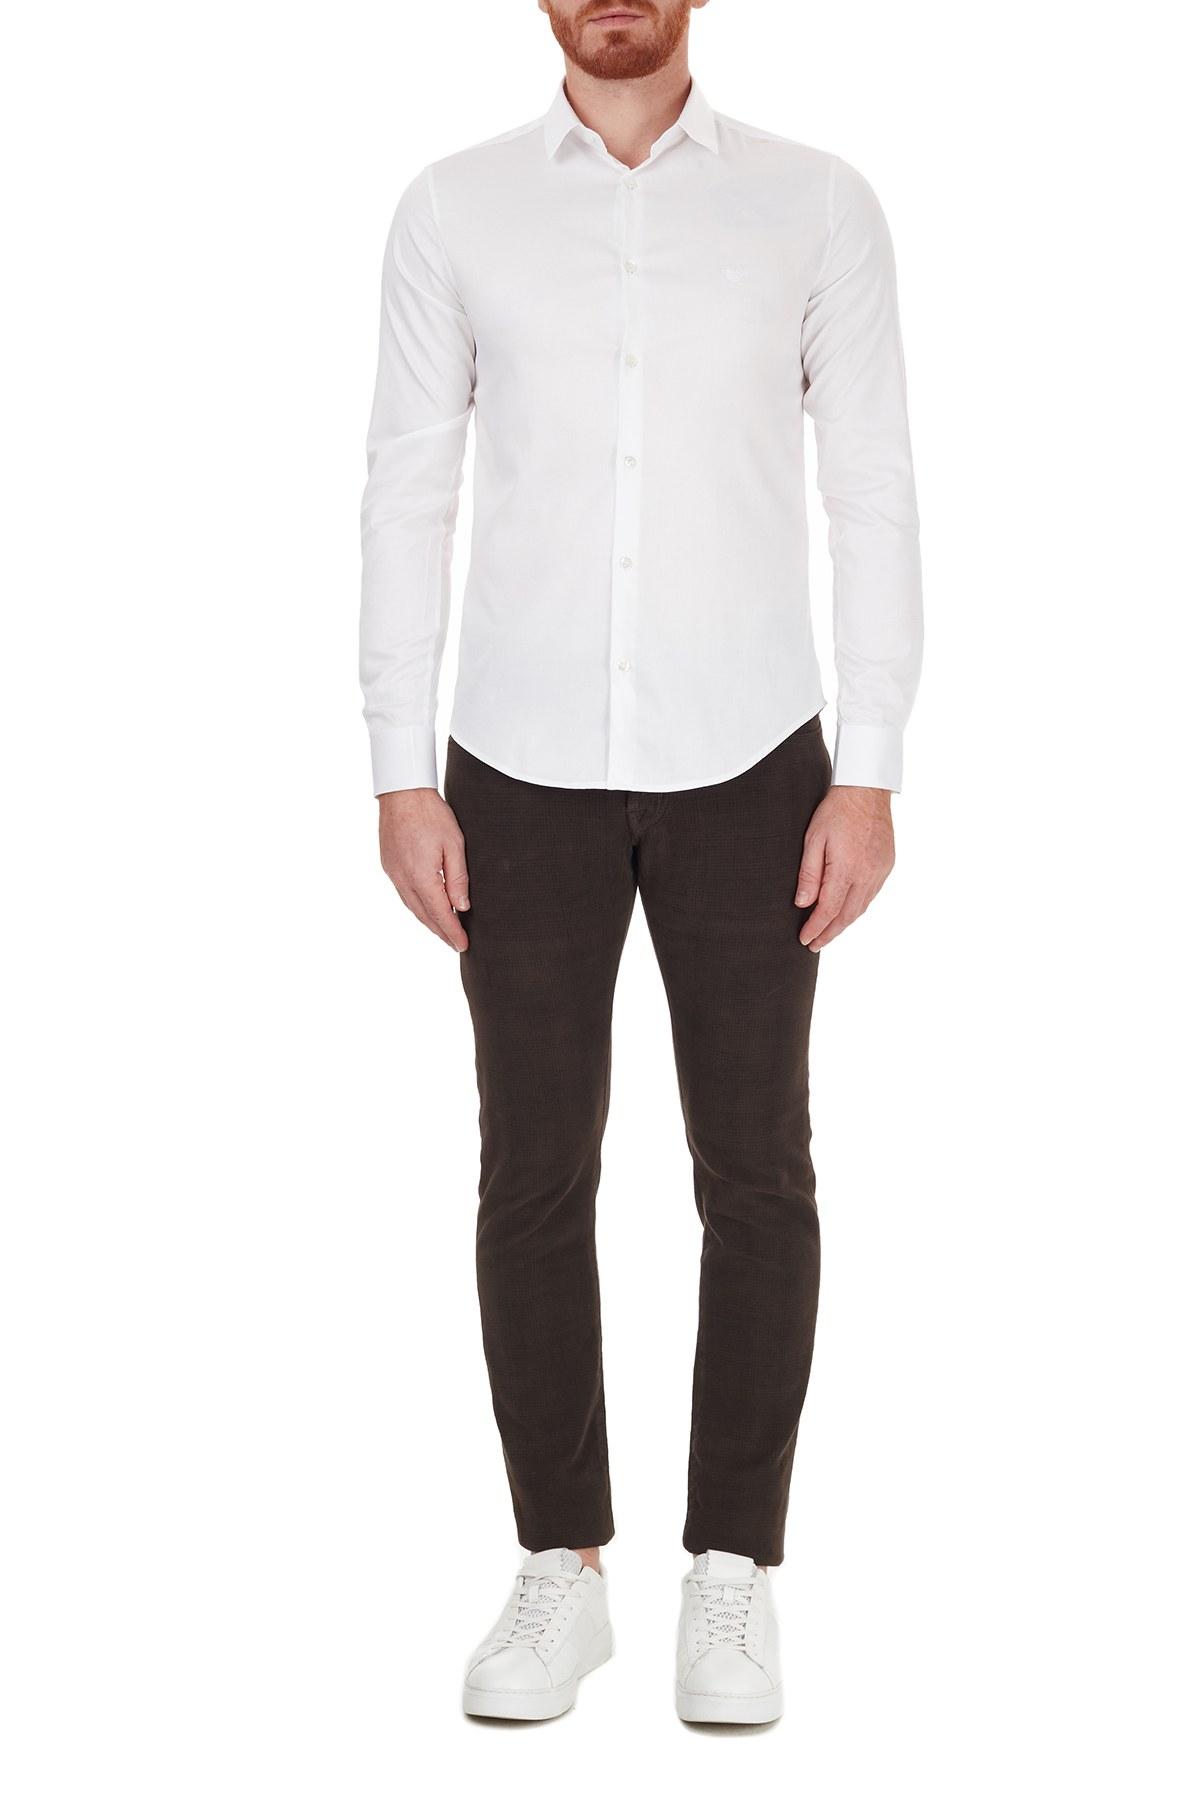 Jacob Cohen Jeans Erkek Pamuklu Pantolon J622 SLIM 02092S 480 KAHVE